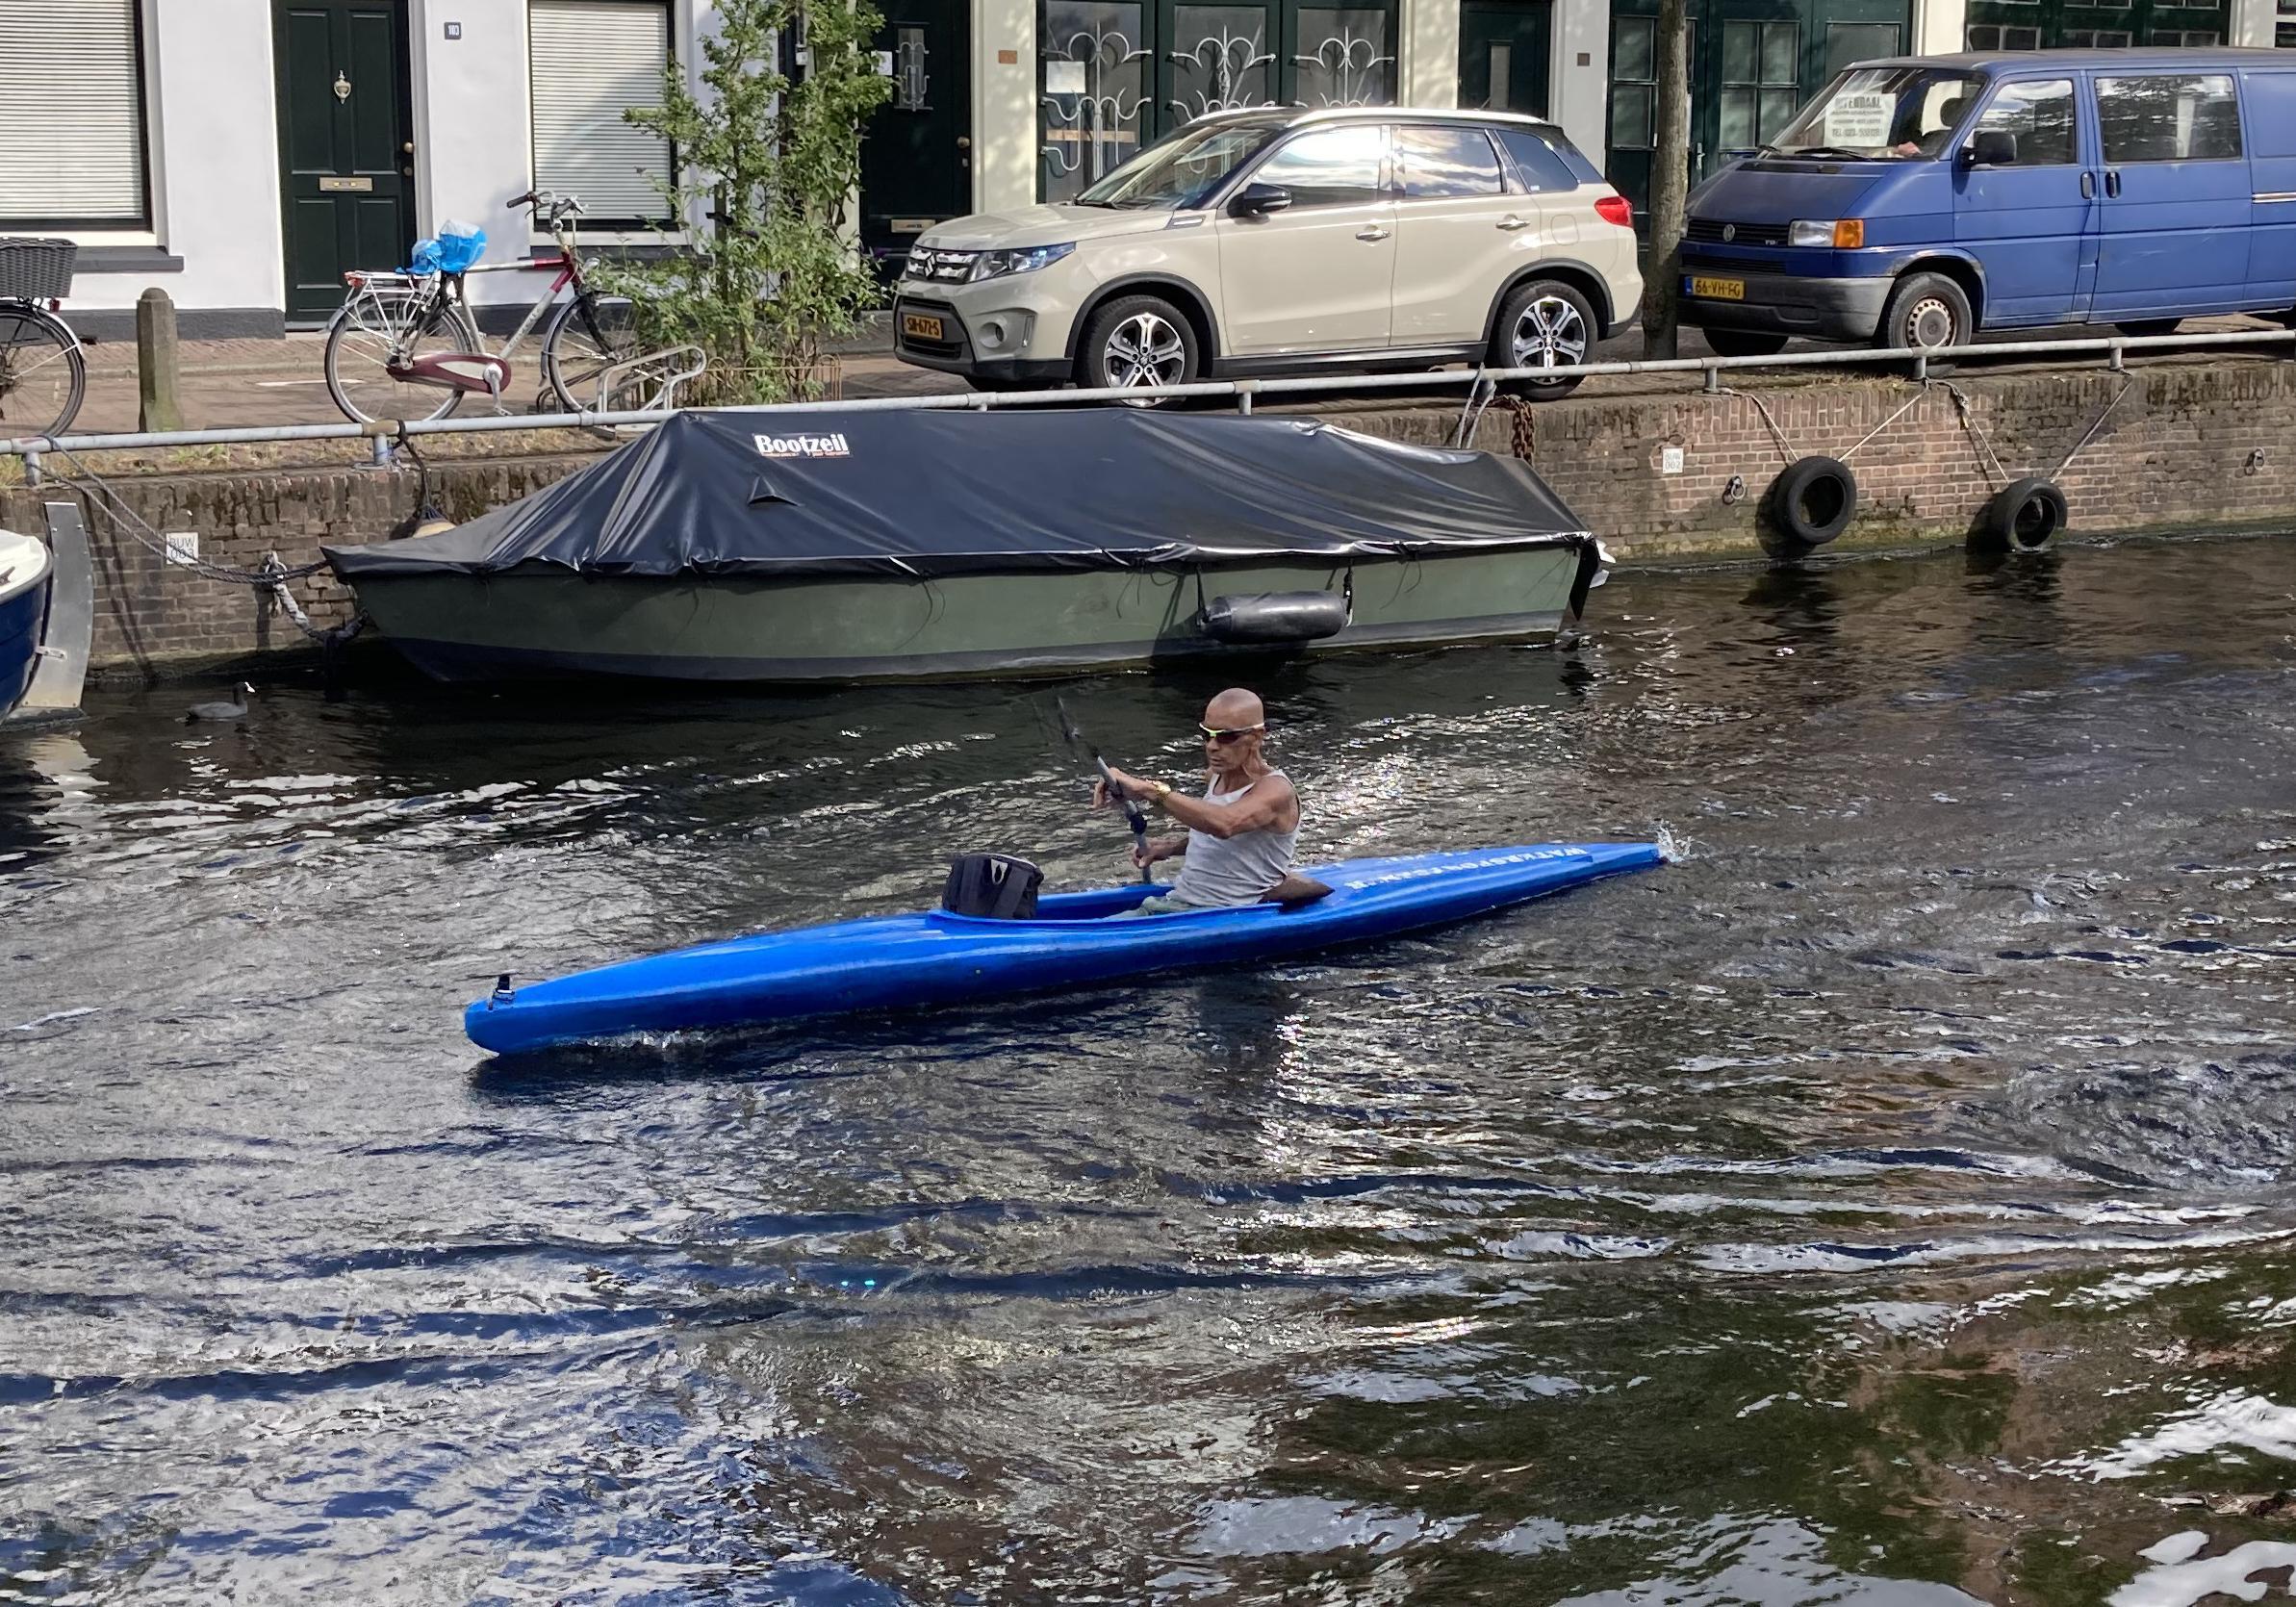 Robèrt Smit kanoot 100 kilometer per dag door de Haarlemse grachten. 'Ik wil zo fit mogelijk oud worden'